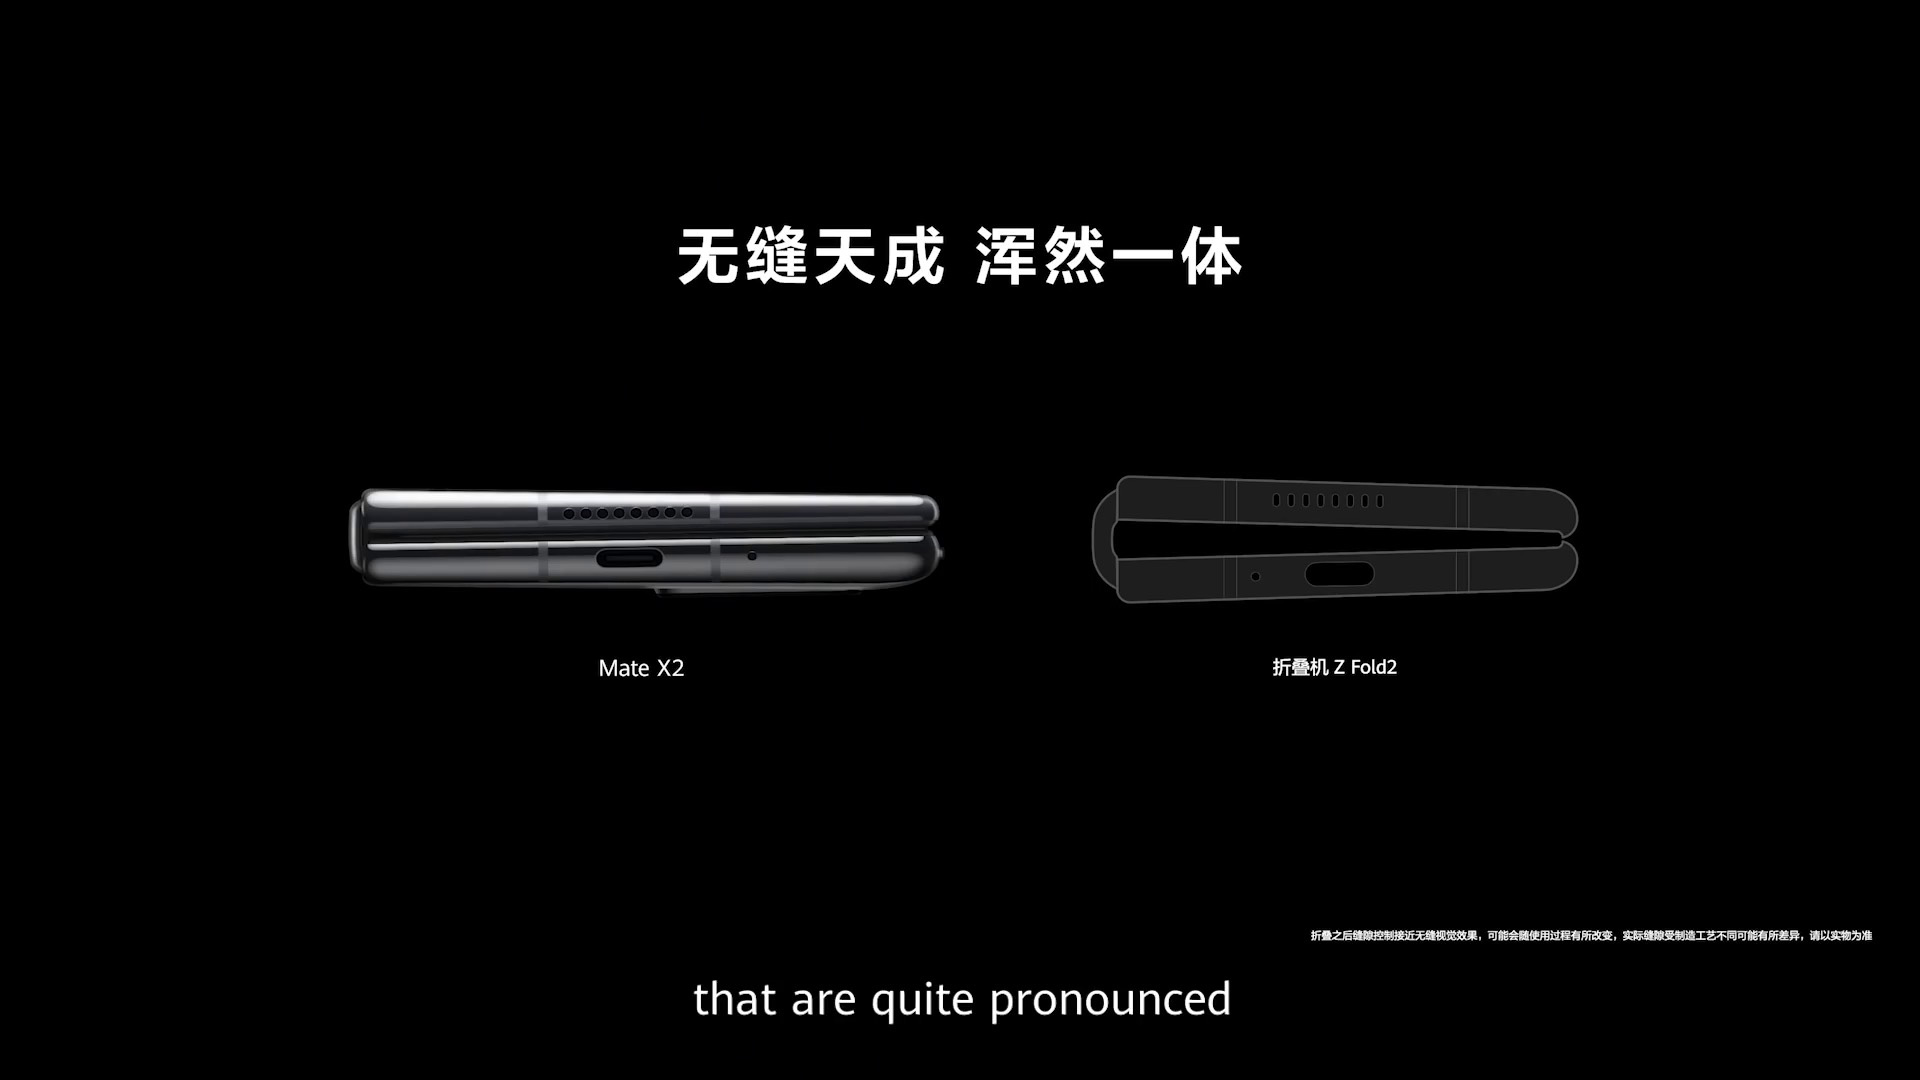 Huawei nói smartphone của mình tốt hơn Z Fold2, iPhone 12 Pro Max, Pro Display XDR, Volvo XC90... như thế nào? - Ảnh 7.